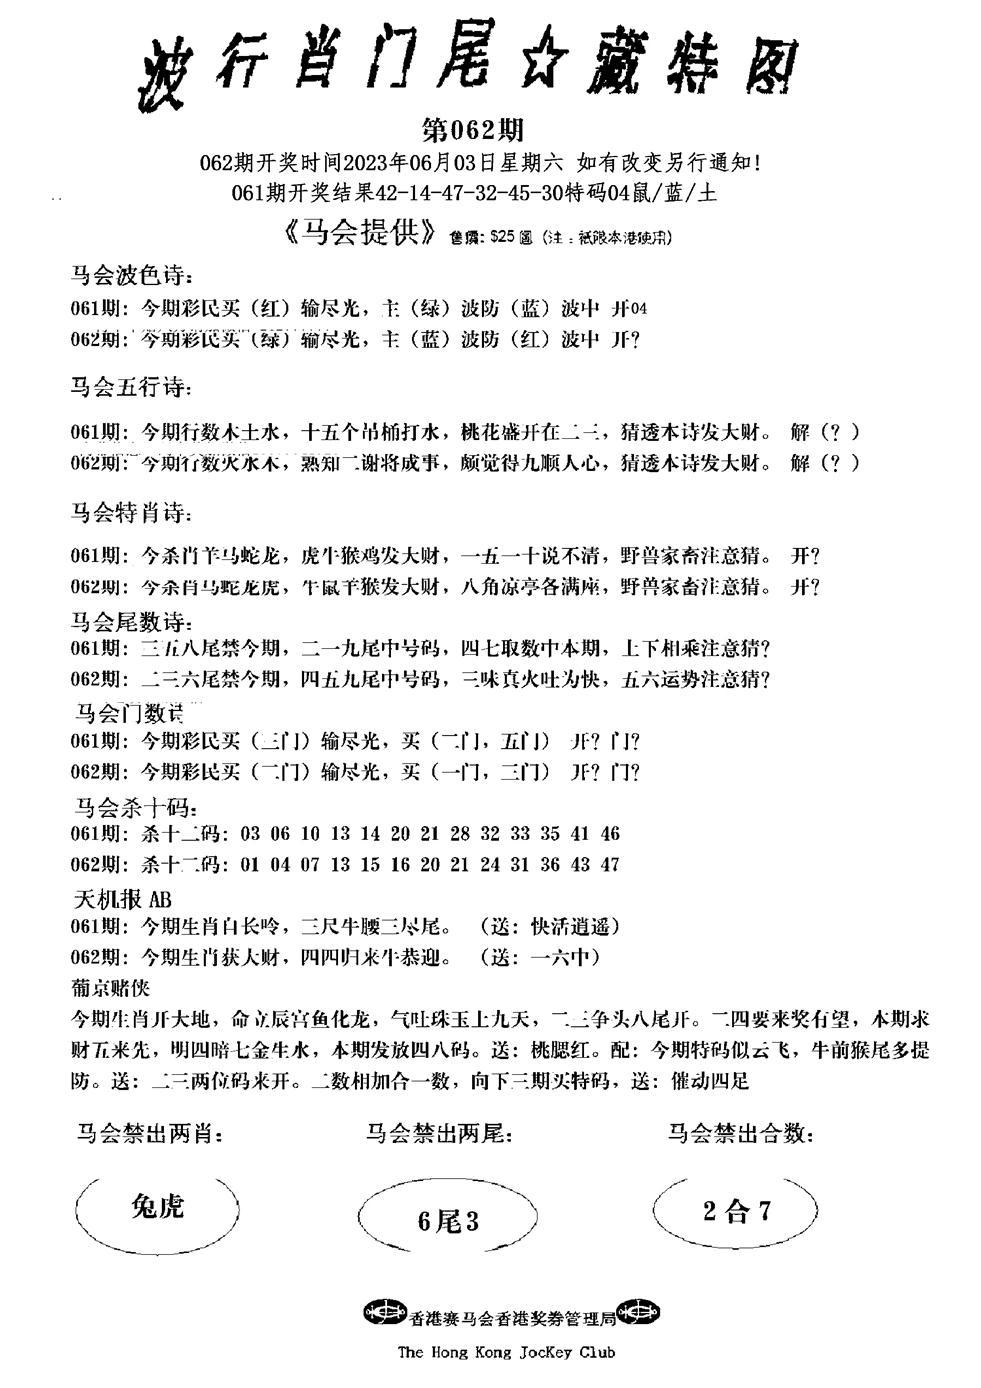 062期波行肖尾藏特图(黑白)